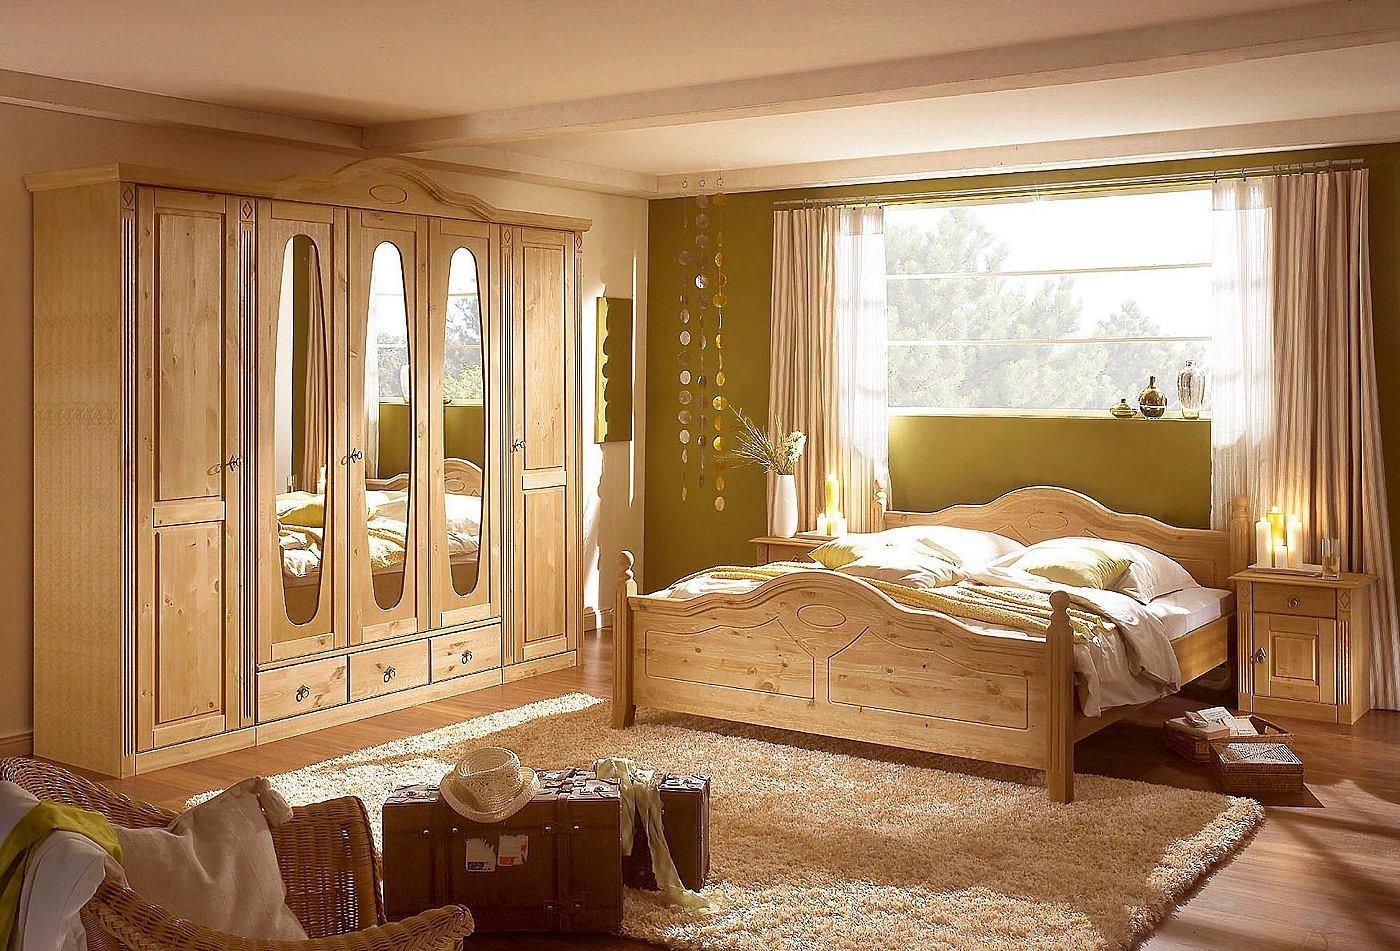 Complete slaapkamers met matras over Slaapkamers